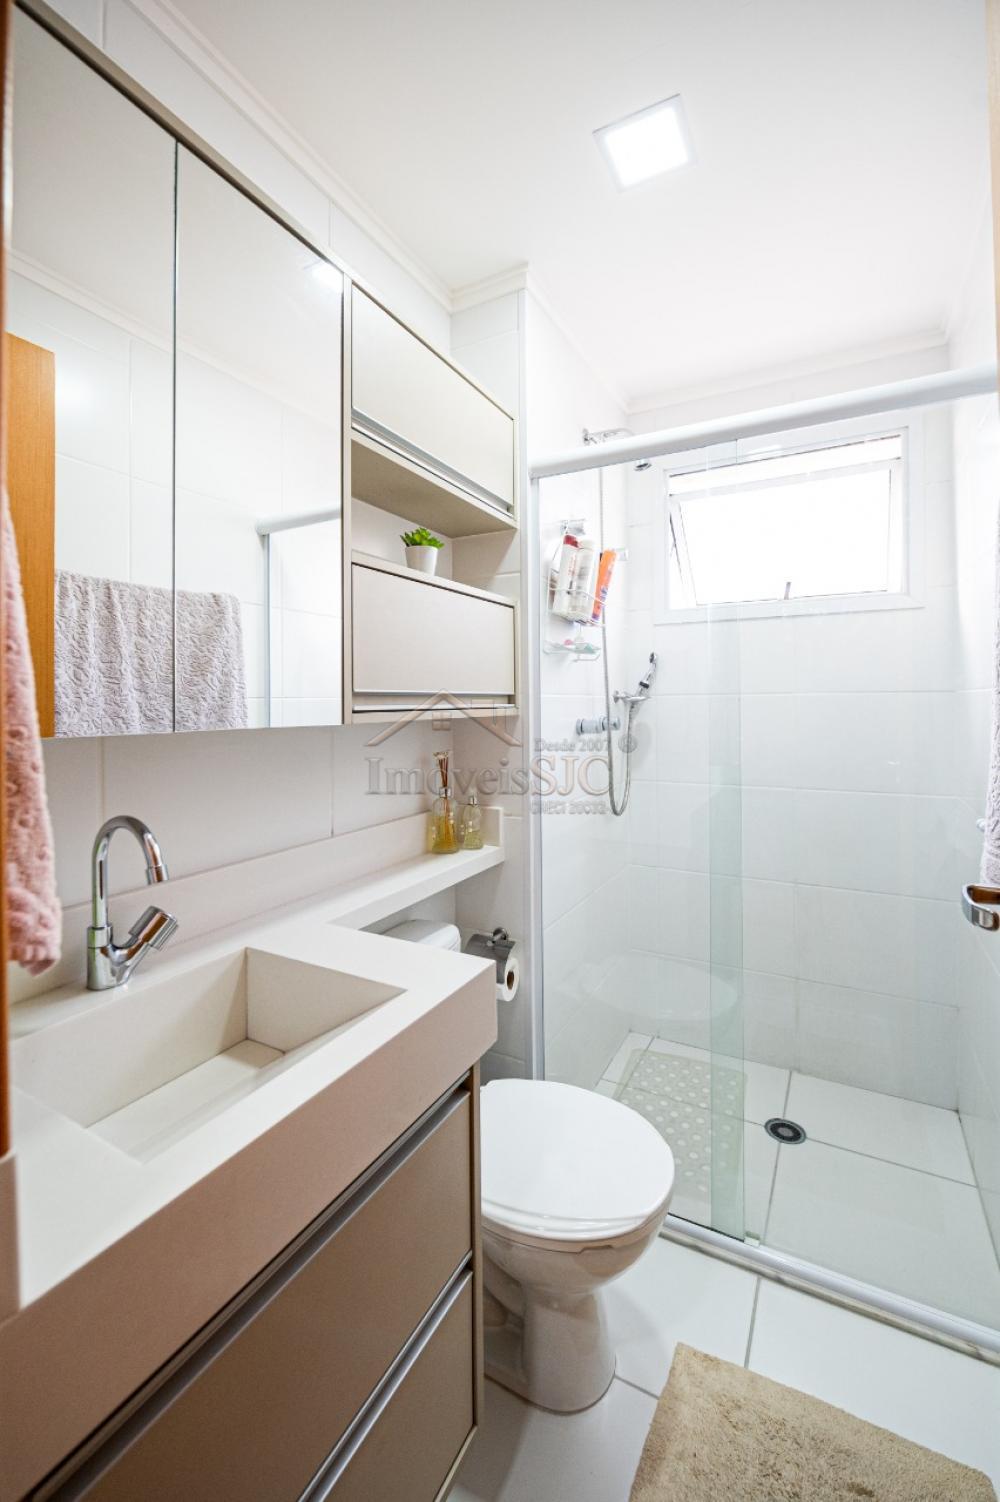 Comprar Apartamentos / Padrão em São José dos Campos apenas R$ 510.000,00 - Foto 15